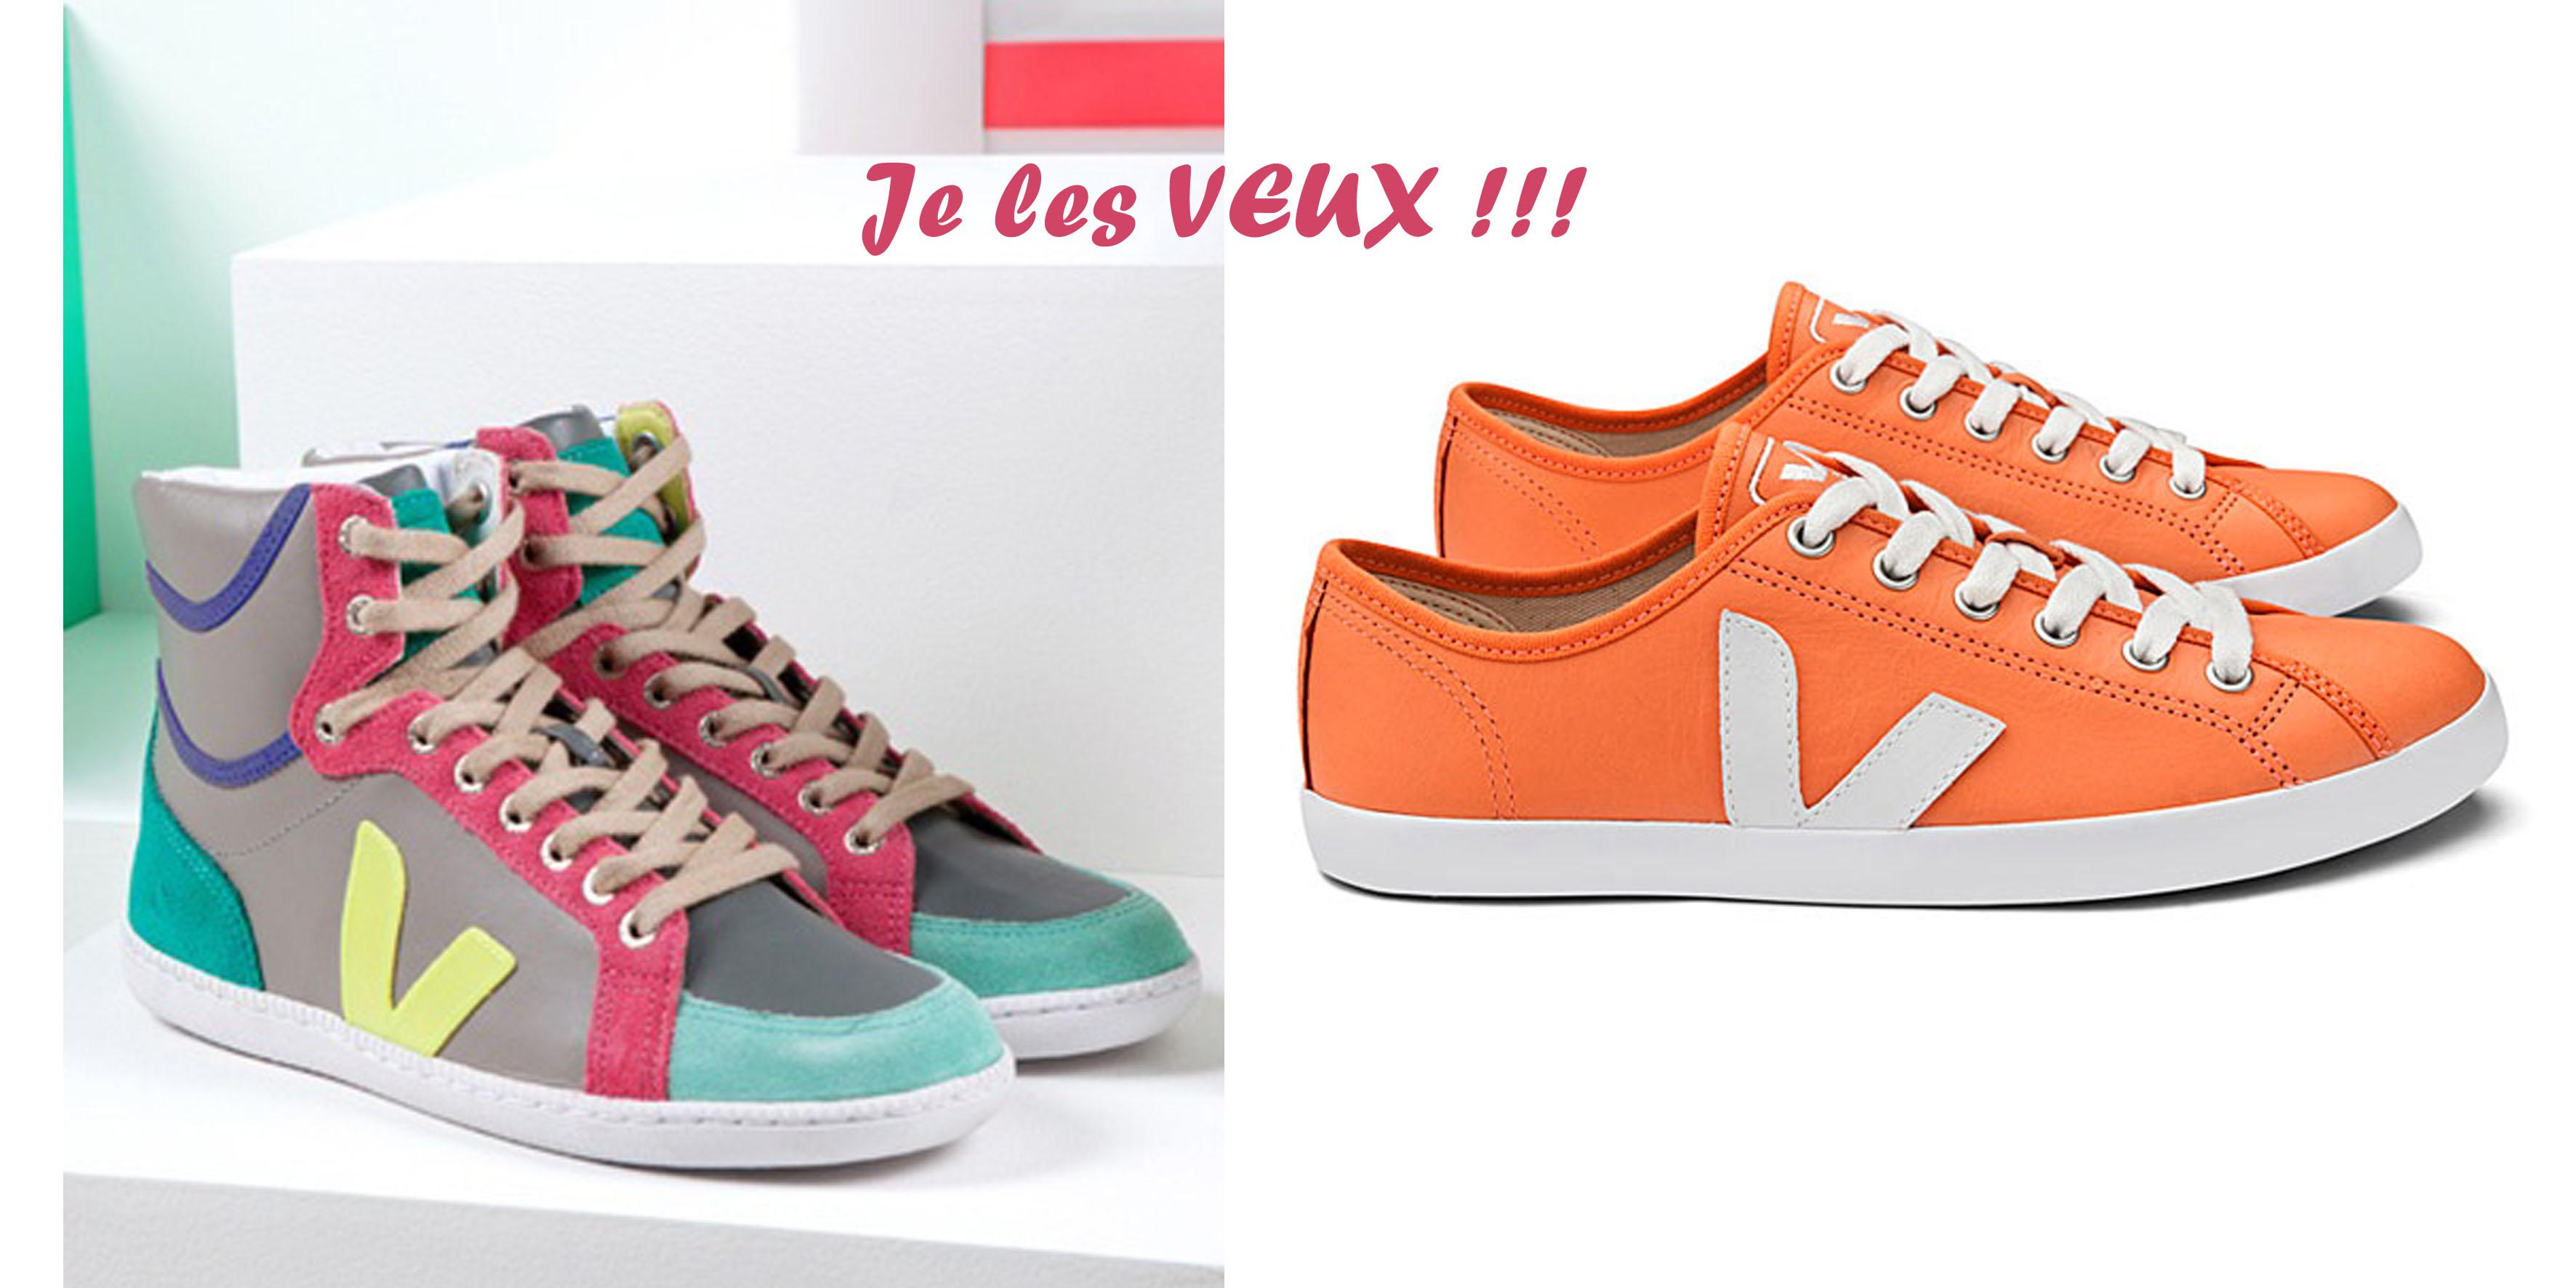 plus récent 0802a 4b50f chaussure de sport basket pas cher,chaussure de basket nike ...